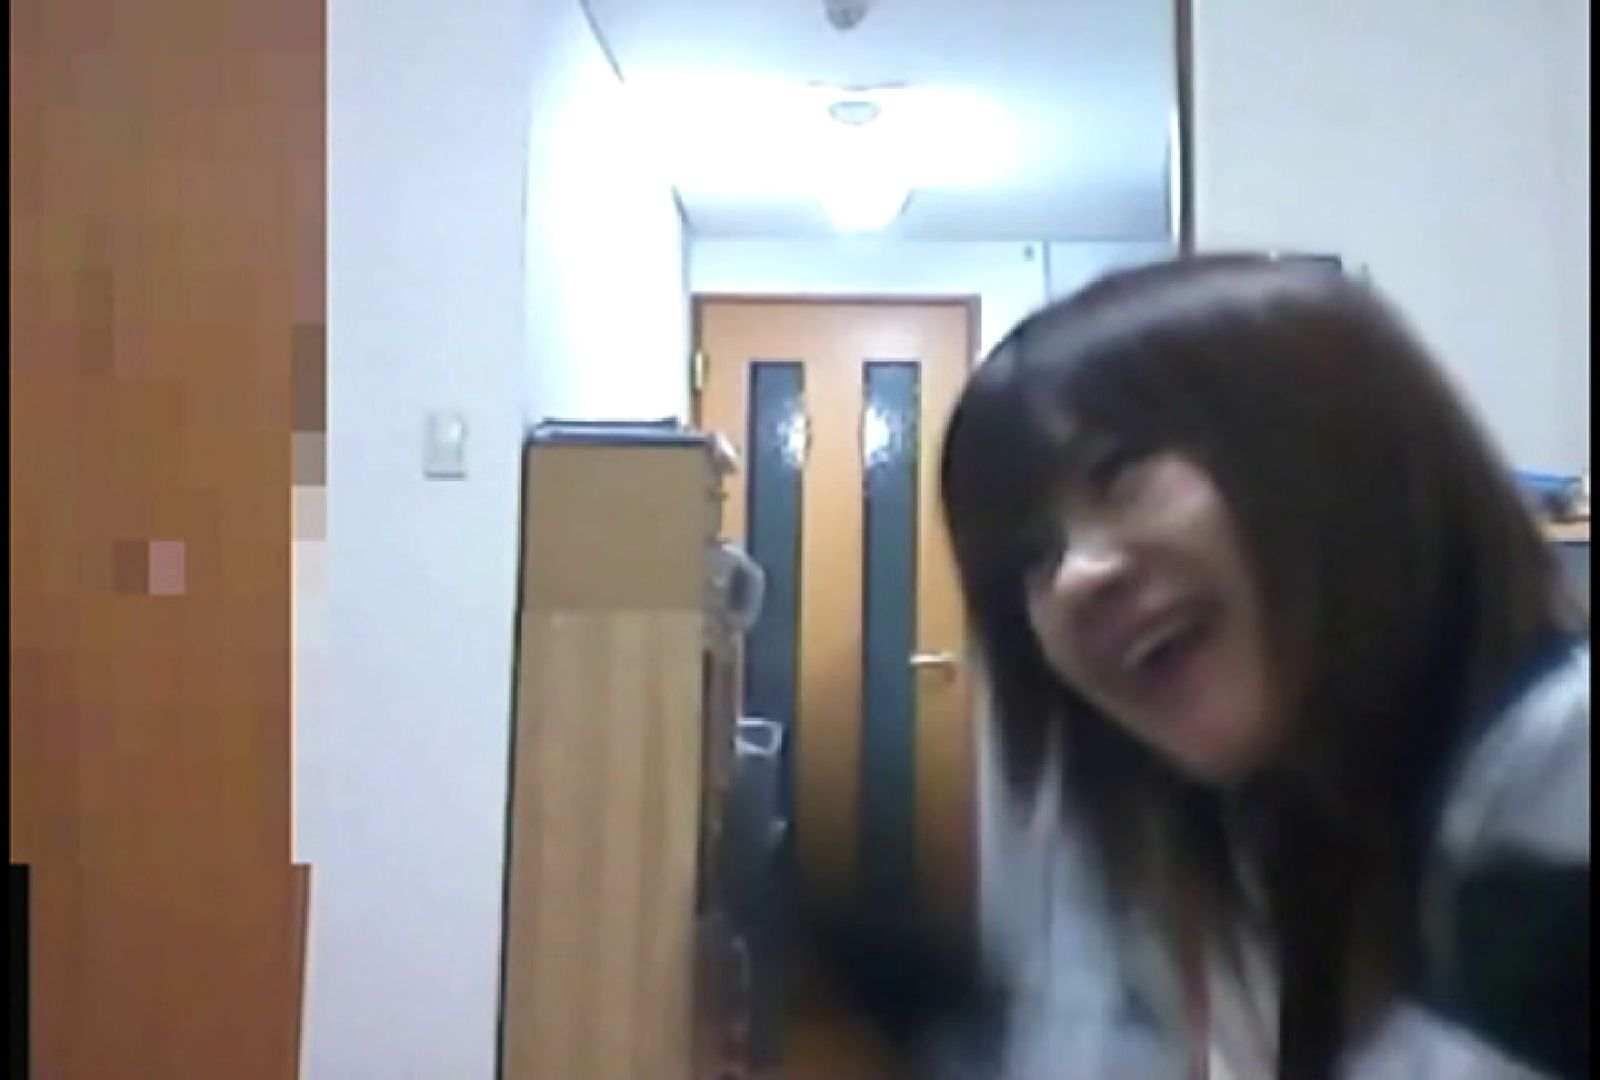 電魔王さんの「盗撮の部屋」No.1 りかこVol.1 盗撮  85画像 24